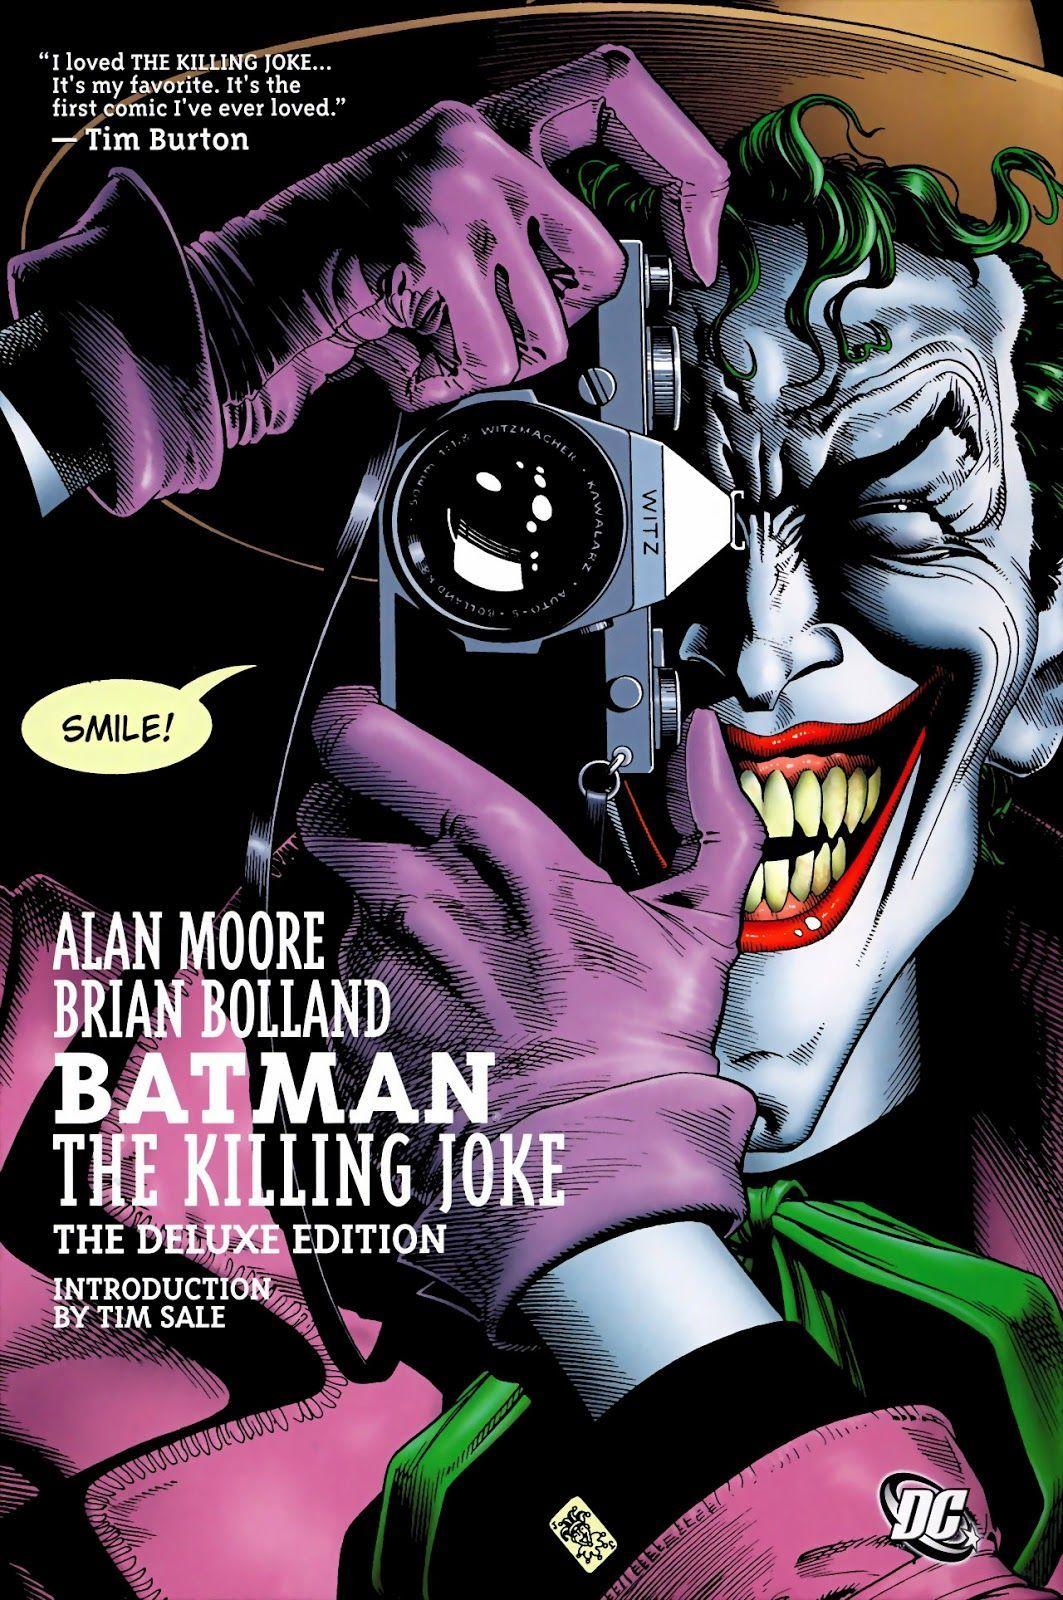 Batman: The Killing Joke (Writer: Alan Moore, Art: Brian Bolland)